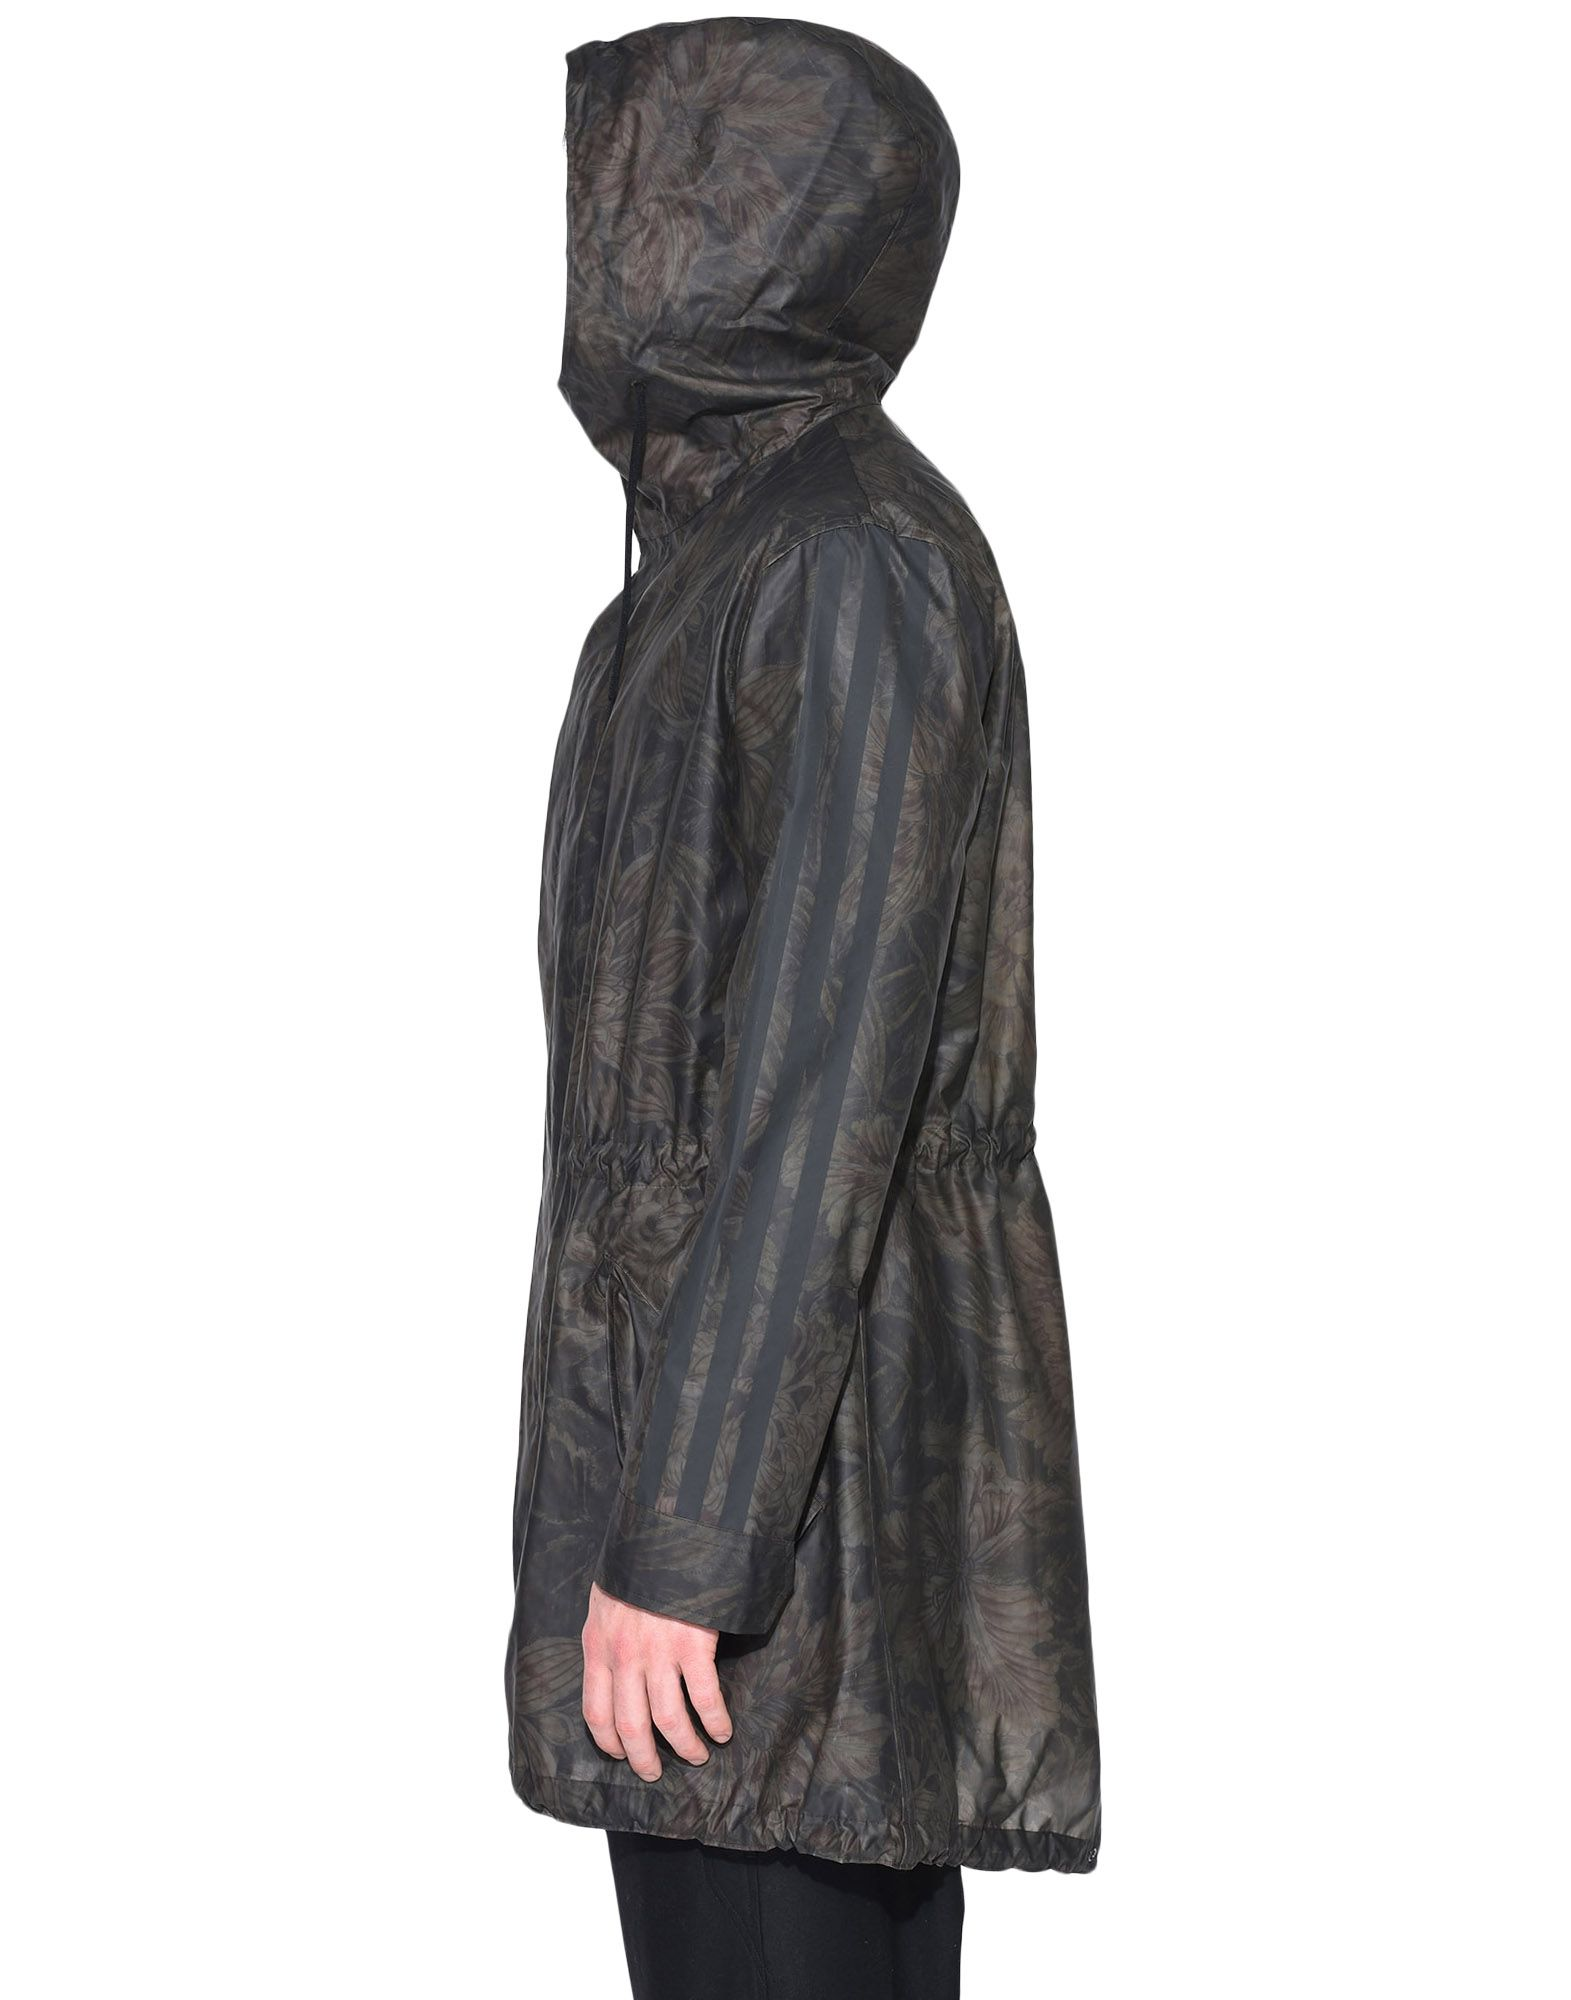 Y-3 Y-3 AOP Mod Raincoat Raincoat Man e